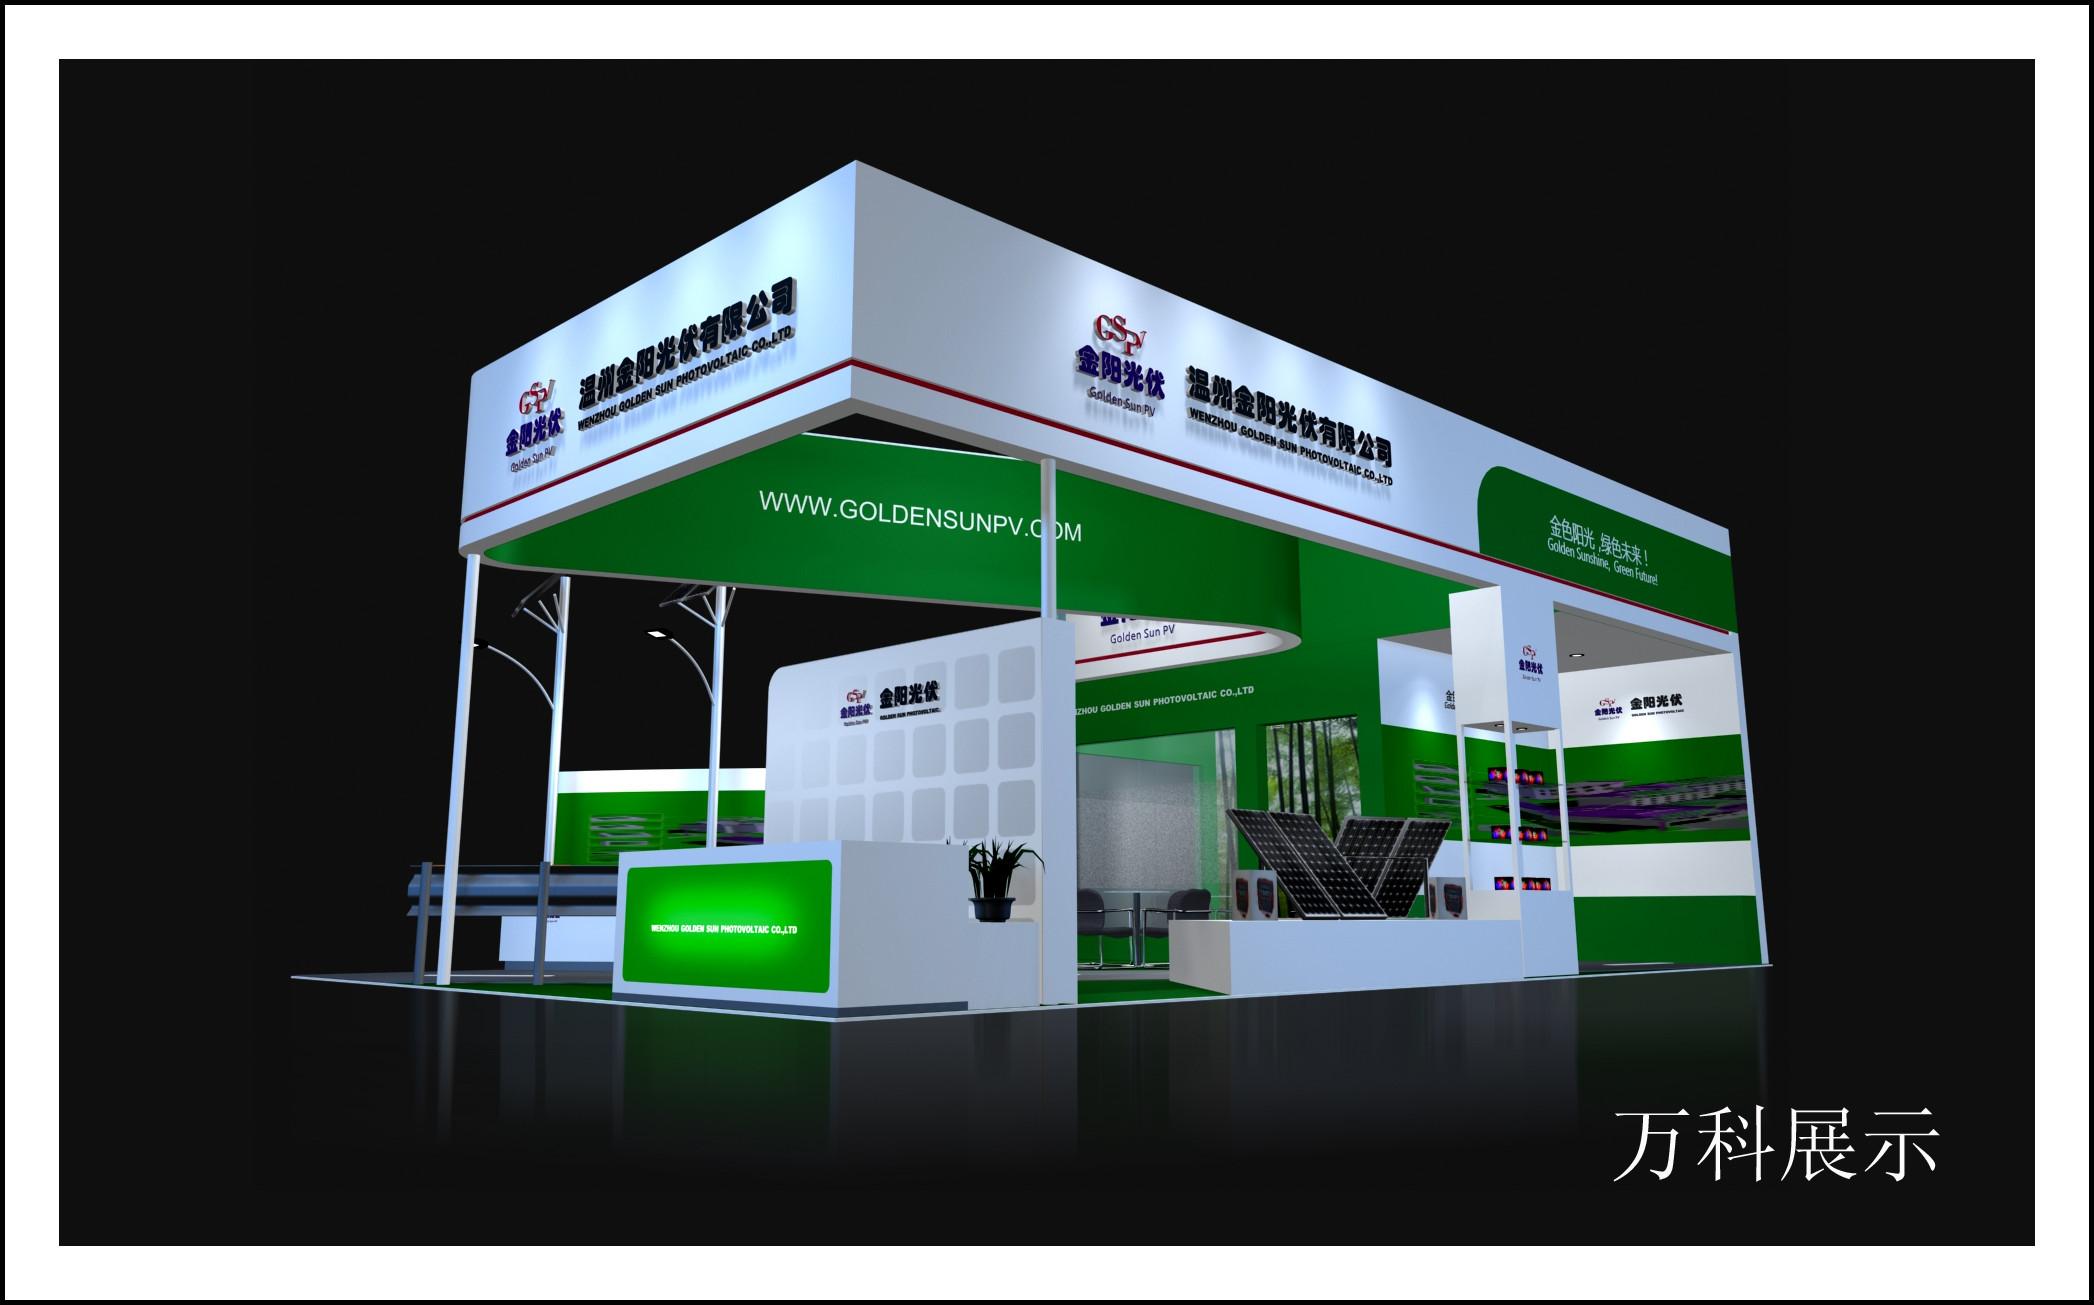 大方 方柱/方柱,大方柱,桁架 ,铝材,展示器材 效果图,产品